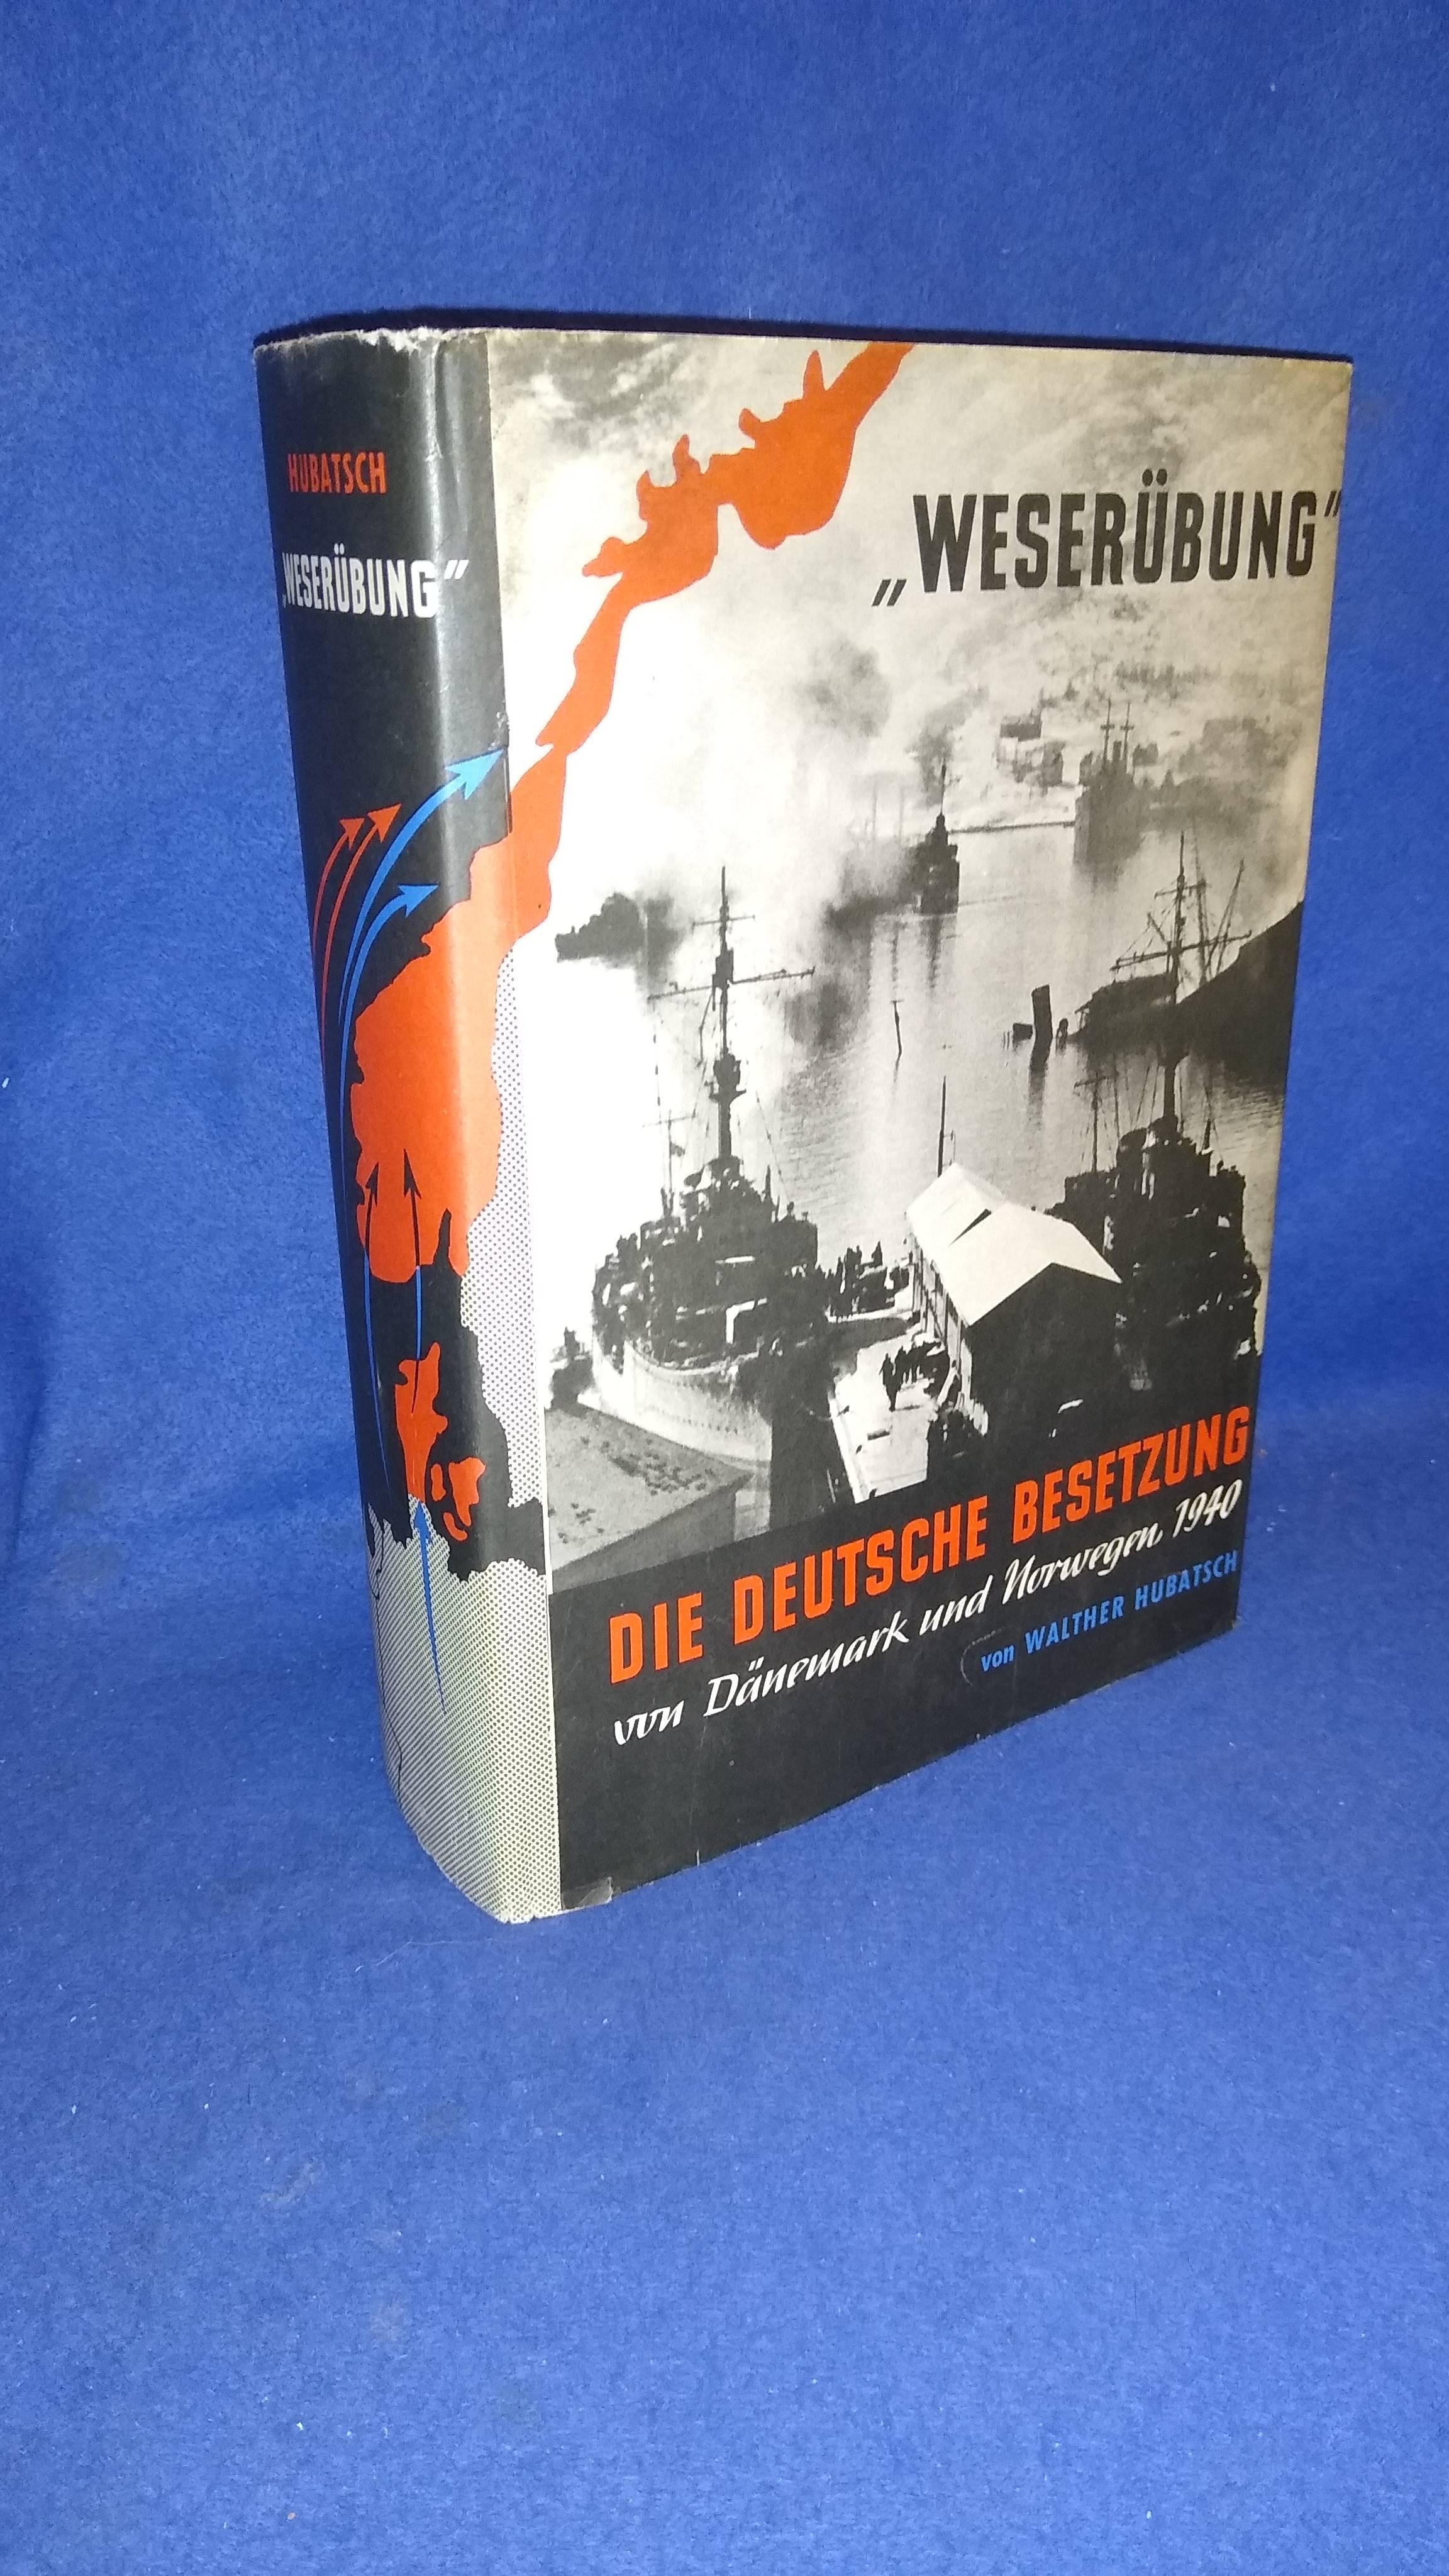 Weserübung'. Die deutsche Besetzung von Dänemark und Norwegen 1940.Mit einem Anhang: Dokumente zum Norwegenfeldzug 1940.